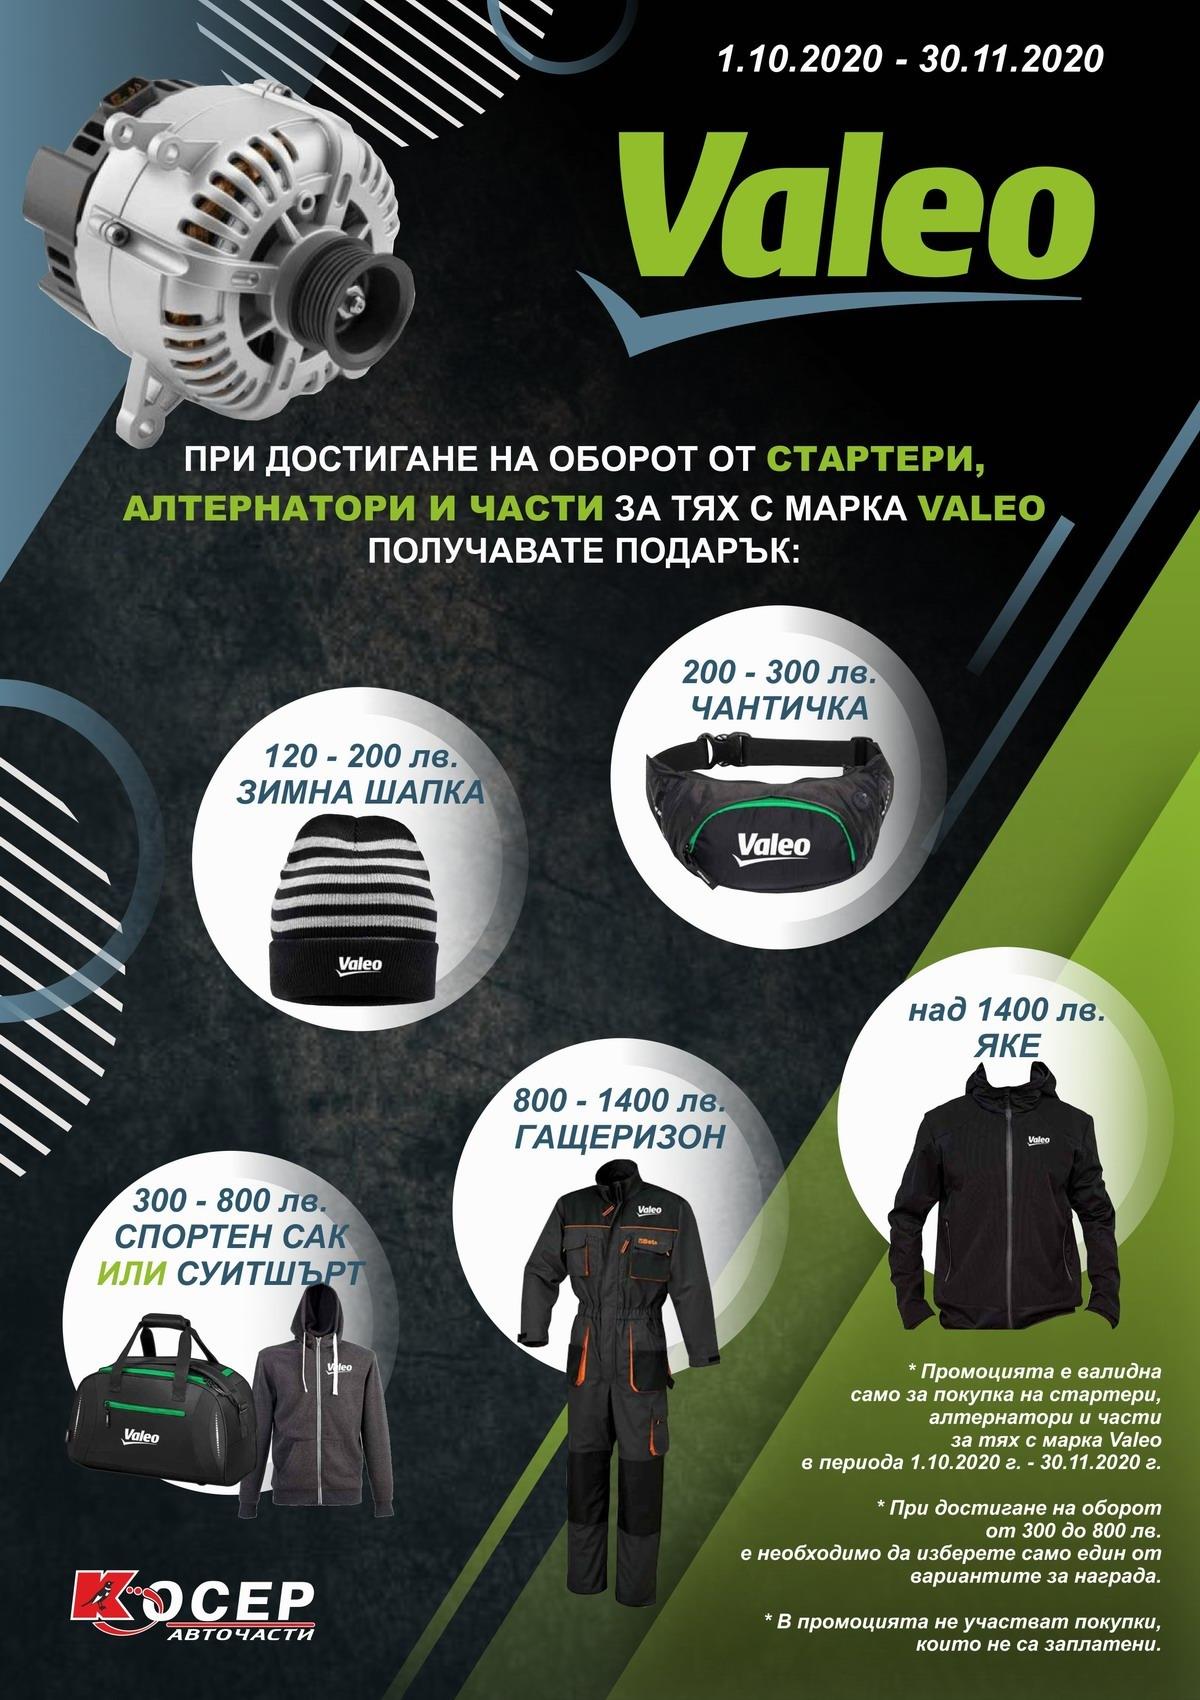 Промоция VALEO, 01.10.2020 - 30.11.2020